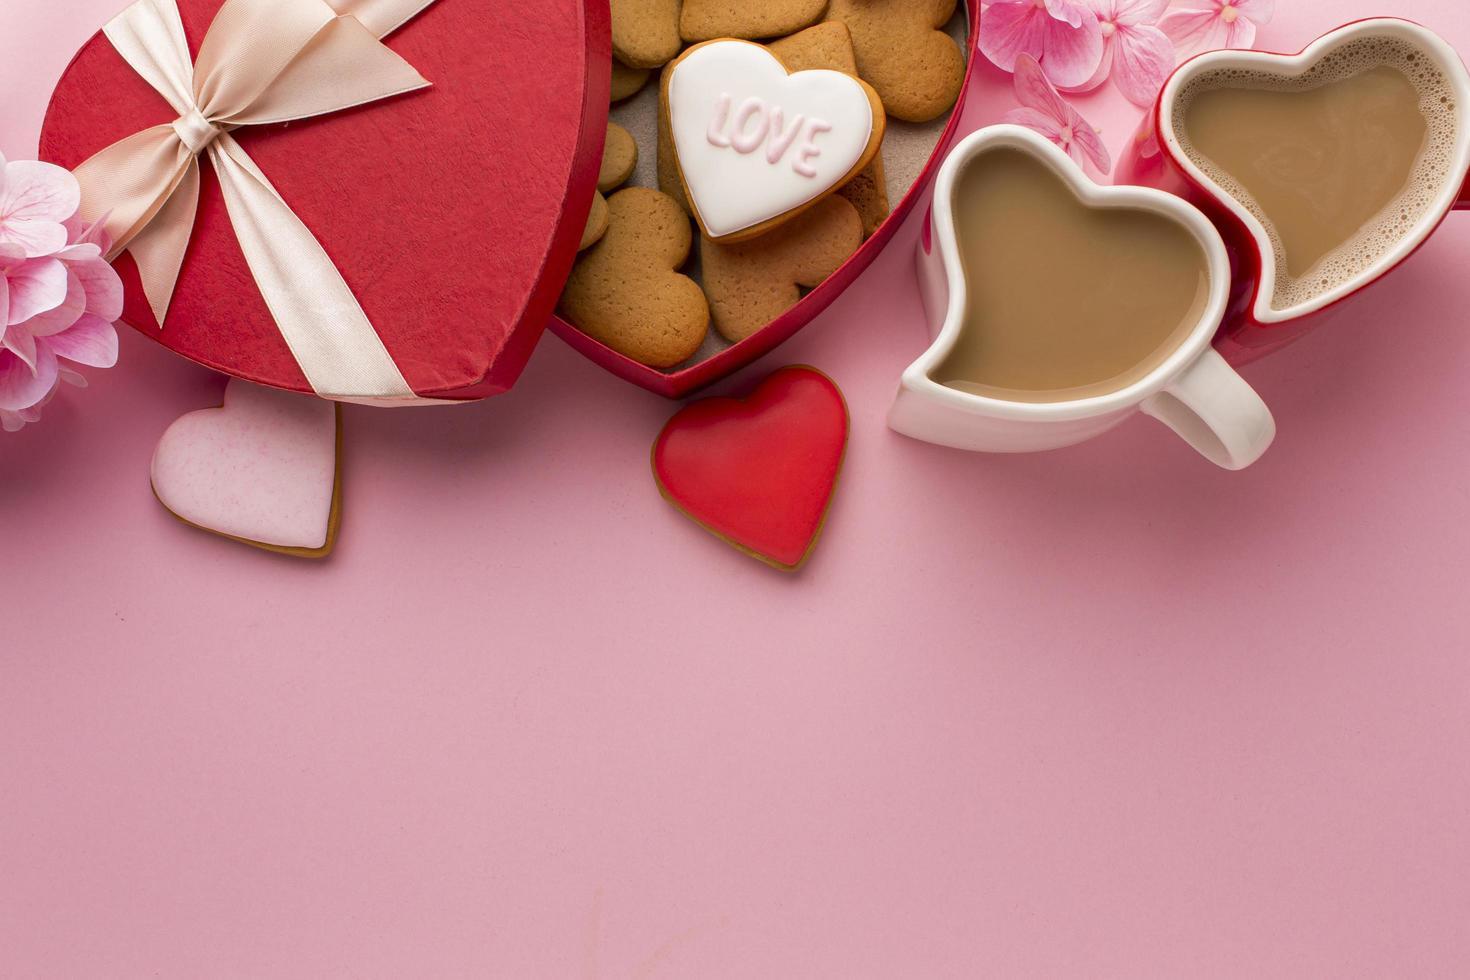 koffie en valentijnsdagtraktaties foto